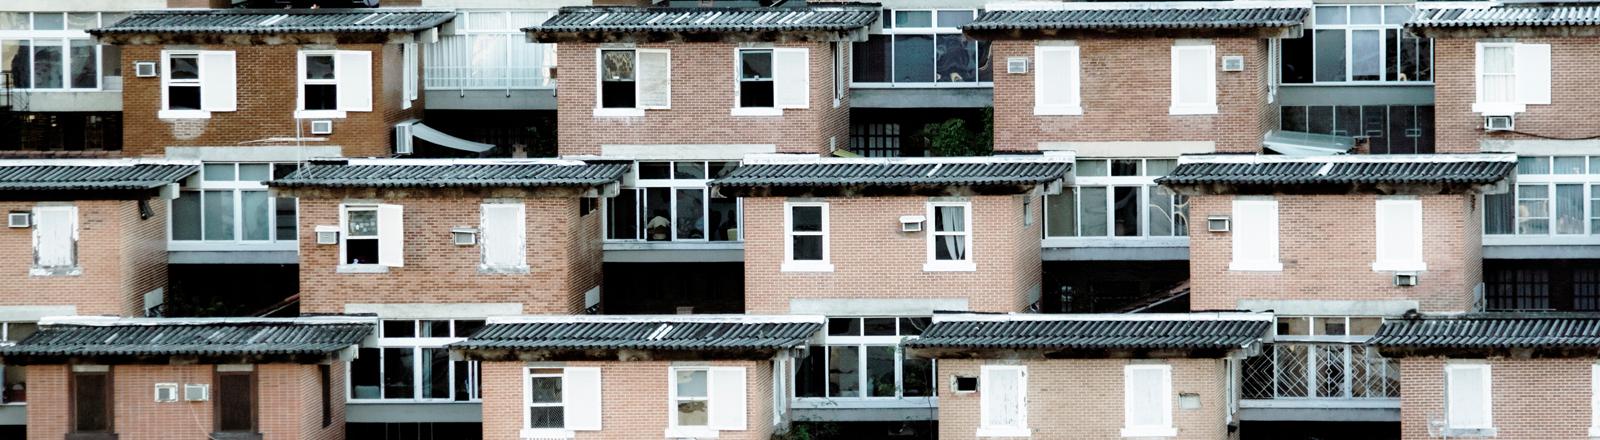 Viele gleiche Häuser. Nachbarschaft.